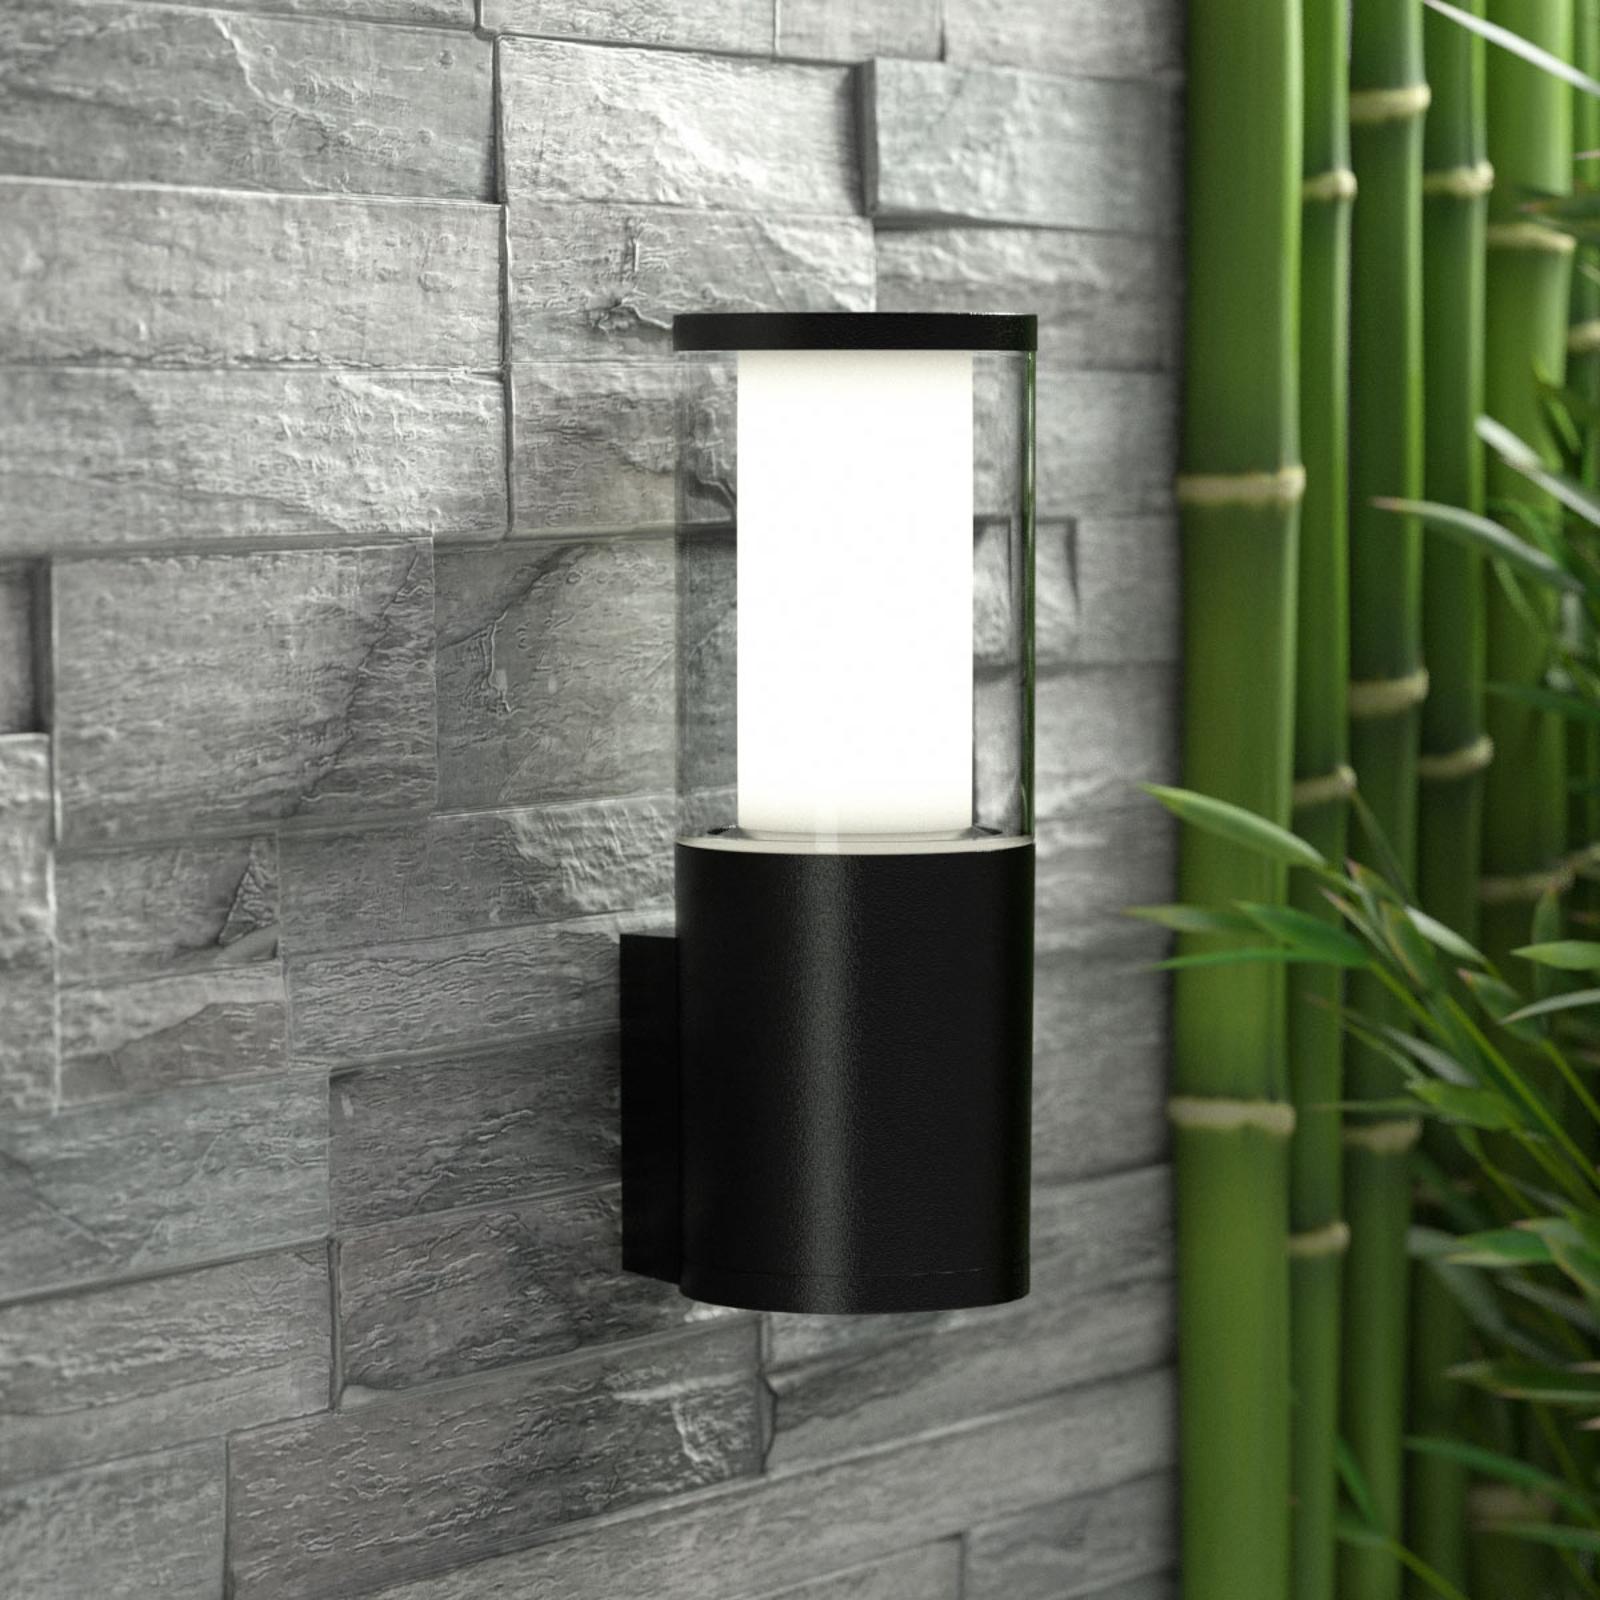 LED-Außenwandleuchte Carlo, schwarz, CCT